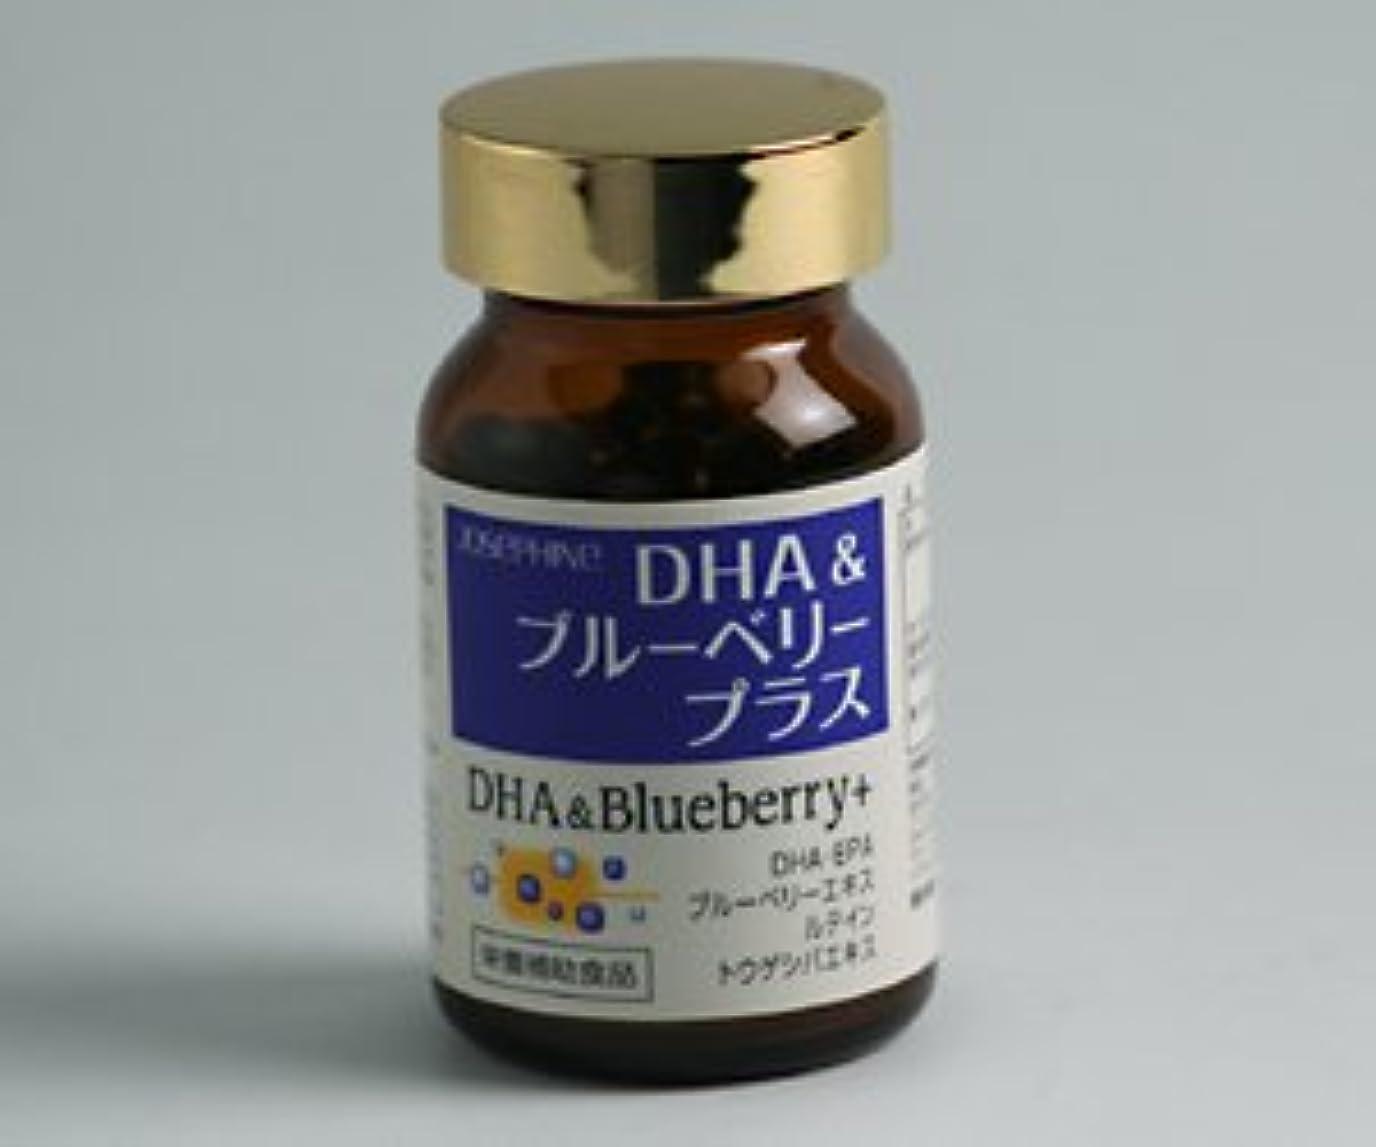 アルプス差し引く神秘的なDHA&ブルーベリー プラス 90粒